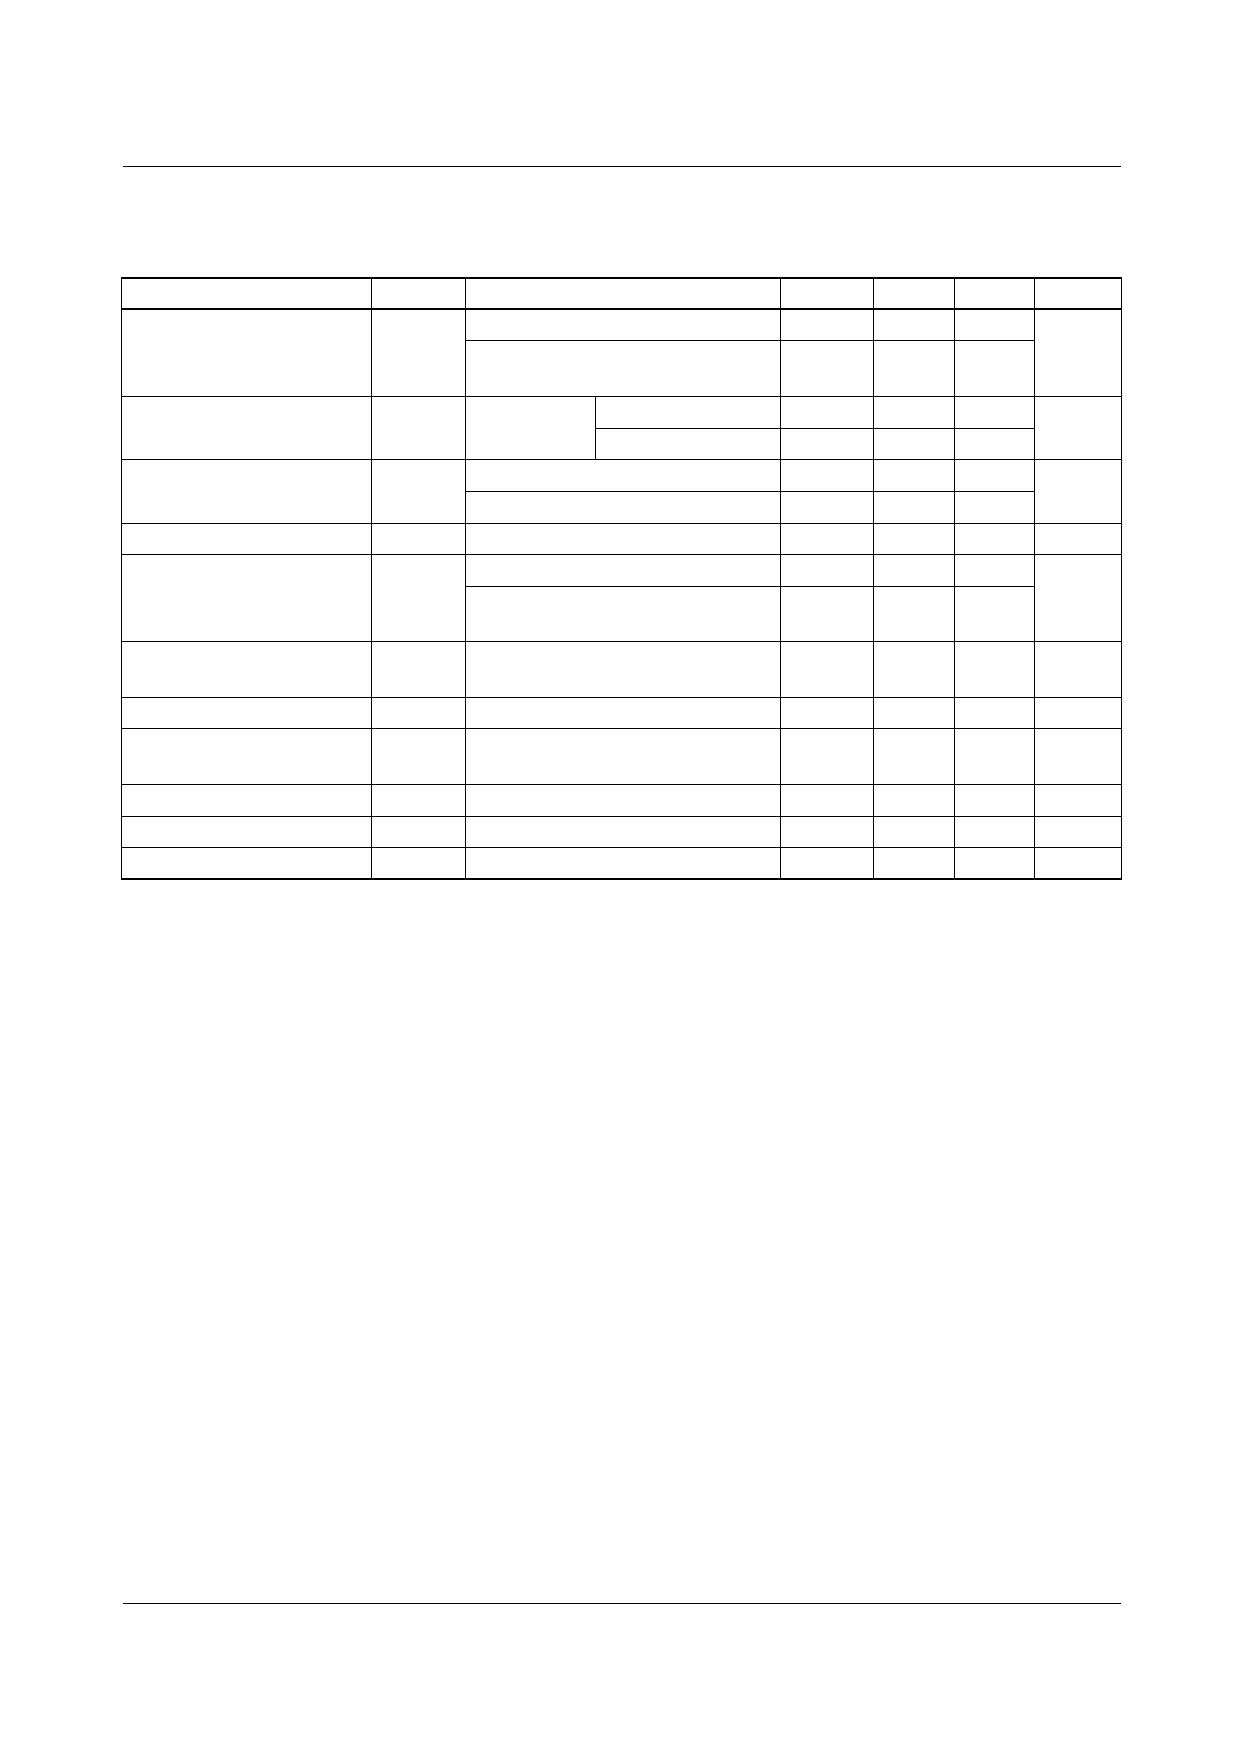 KA78M06 pdf, ピン配列